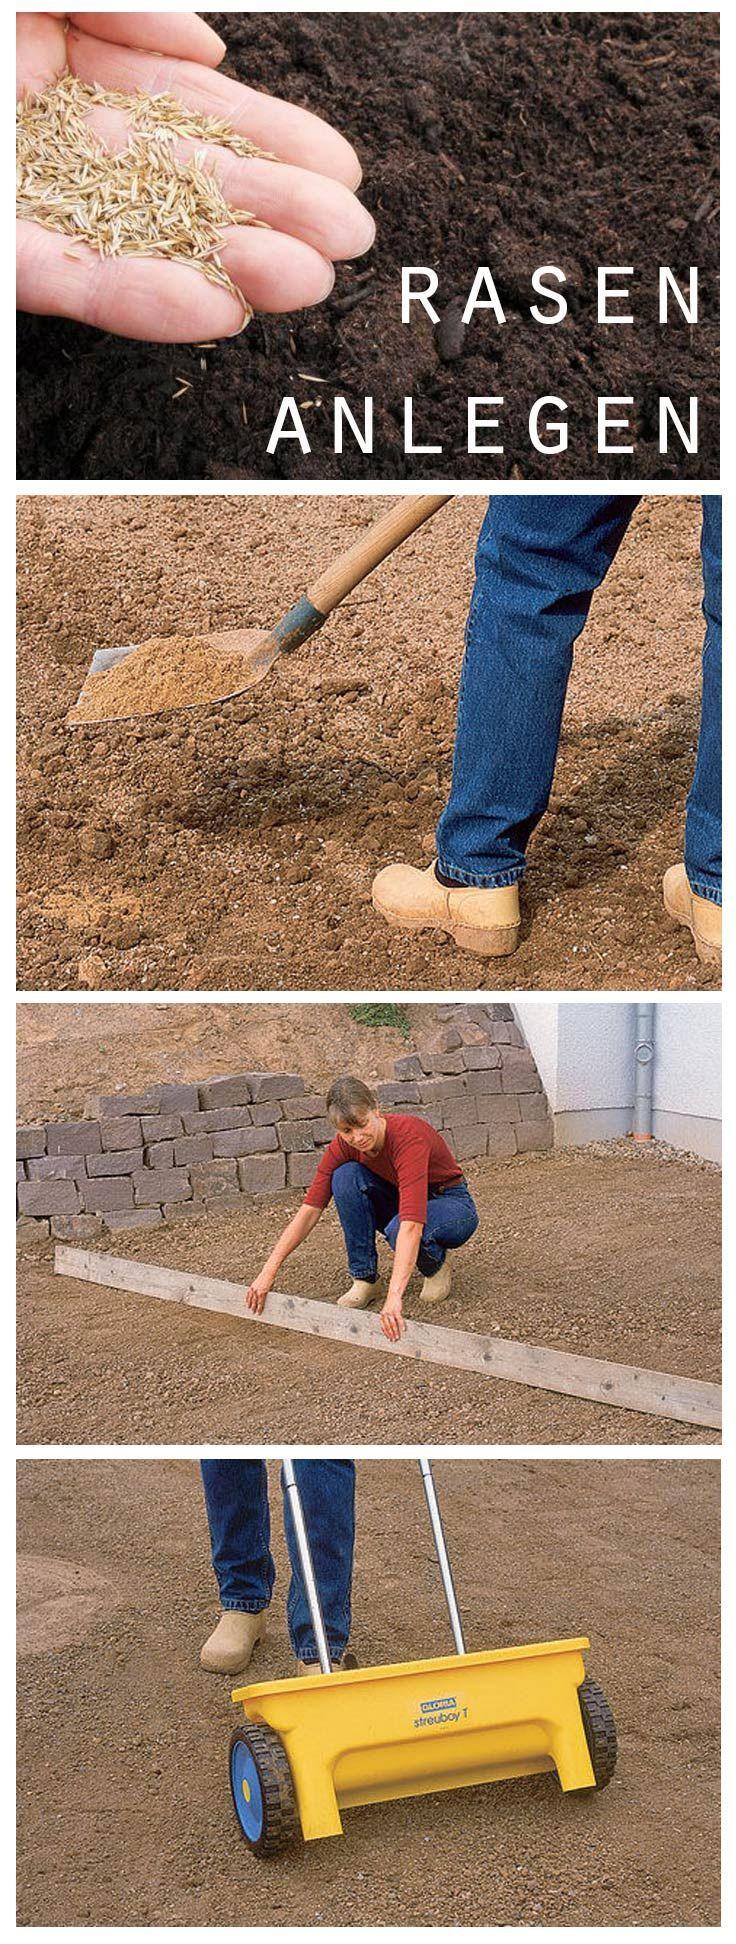 Cute Den Rasen f r deinen Garten kannst du selbst anlegen Unsere Schritt f r Schritt Anleitung zeigt